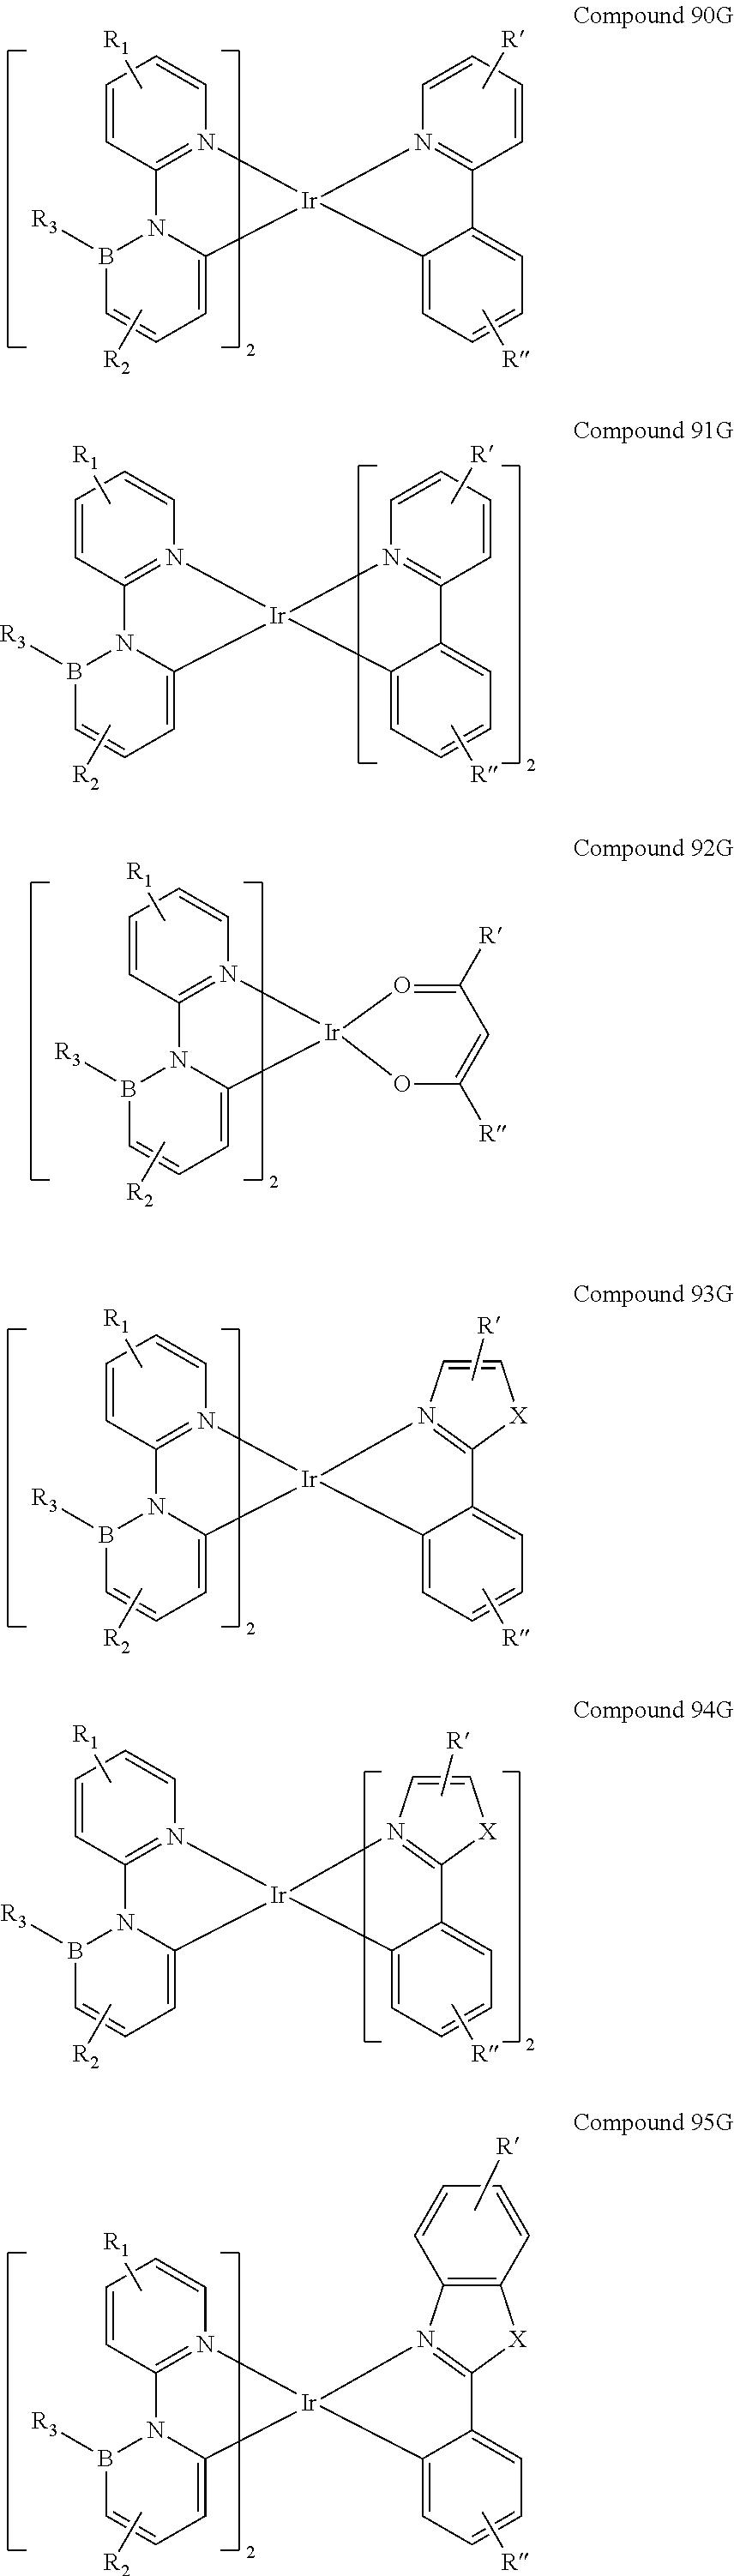 Figure US08586203-20131119-C00115